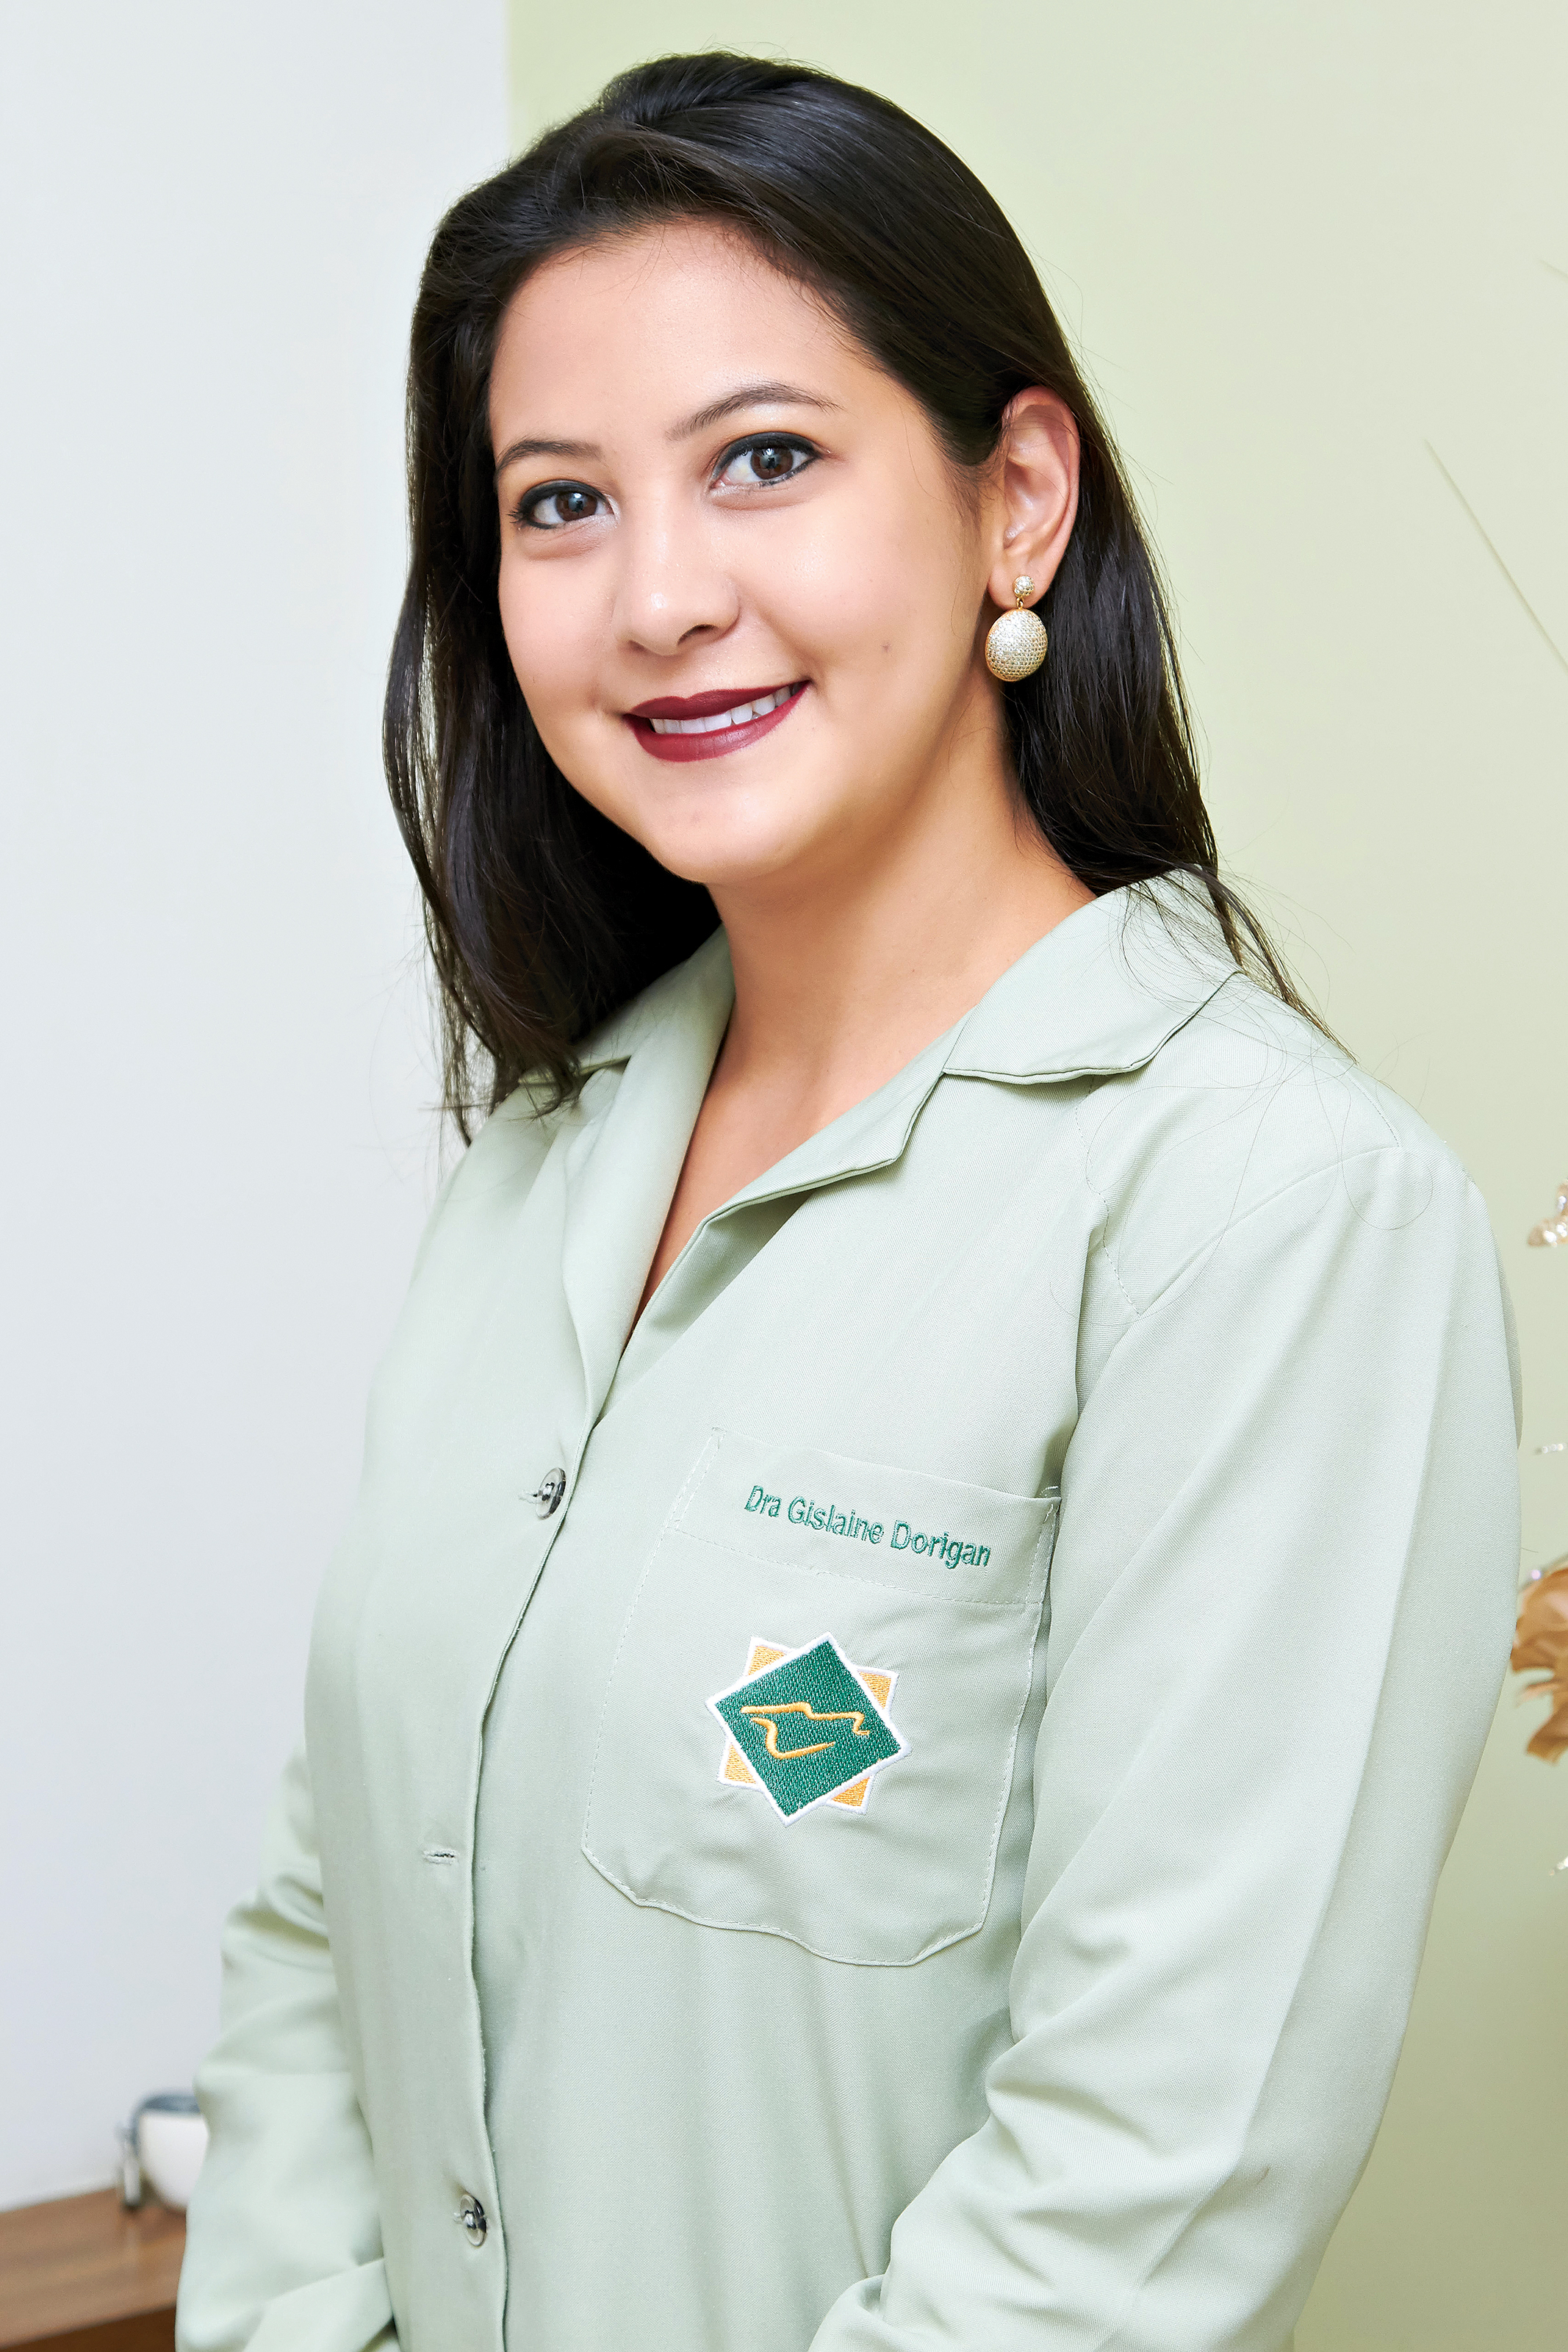 Dra. Gislaine Dorigan